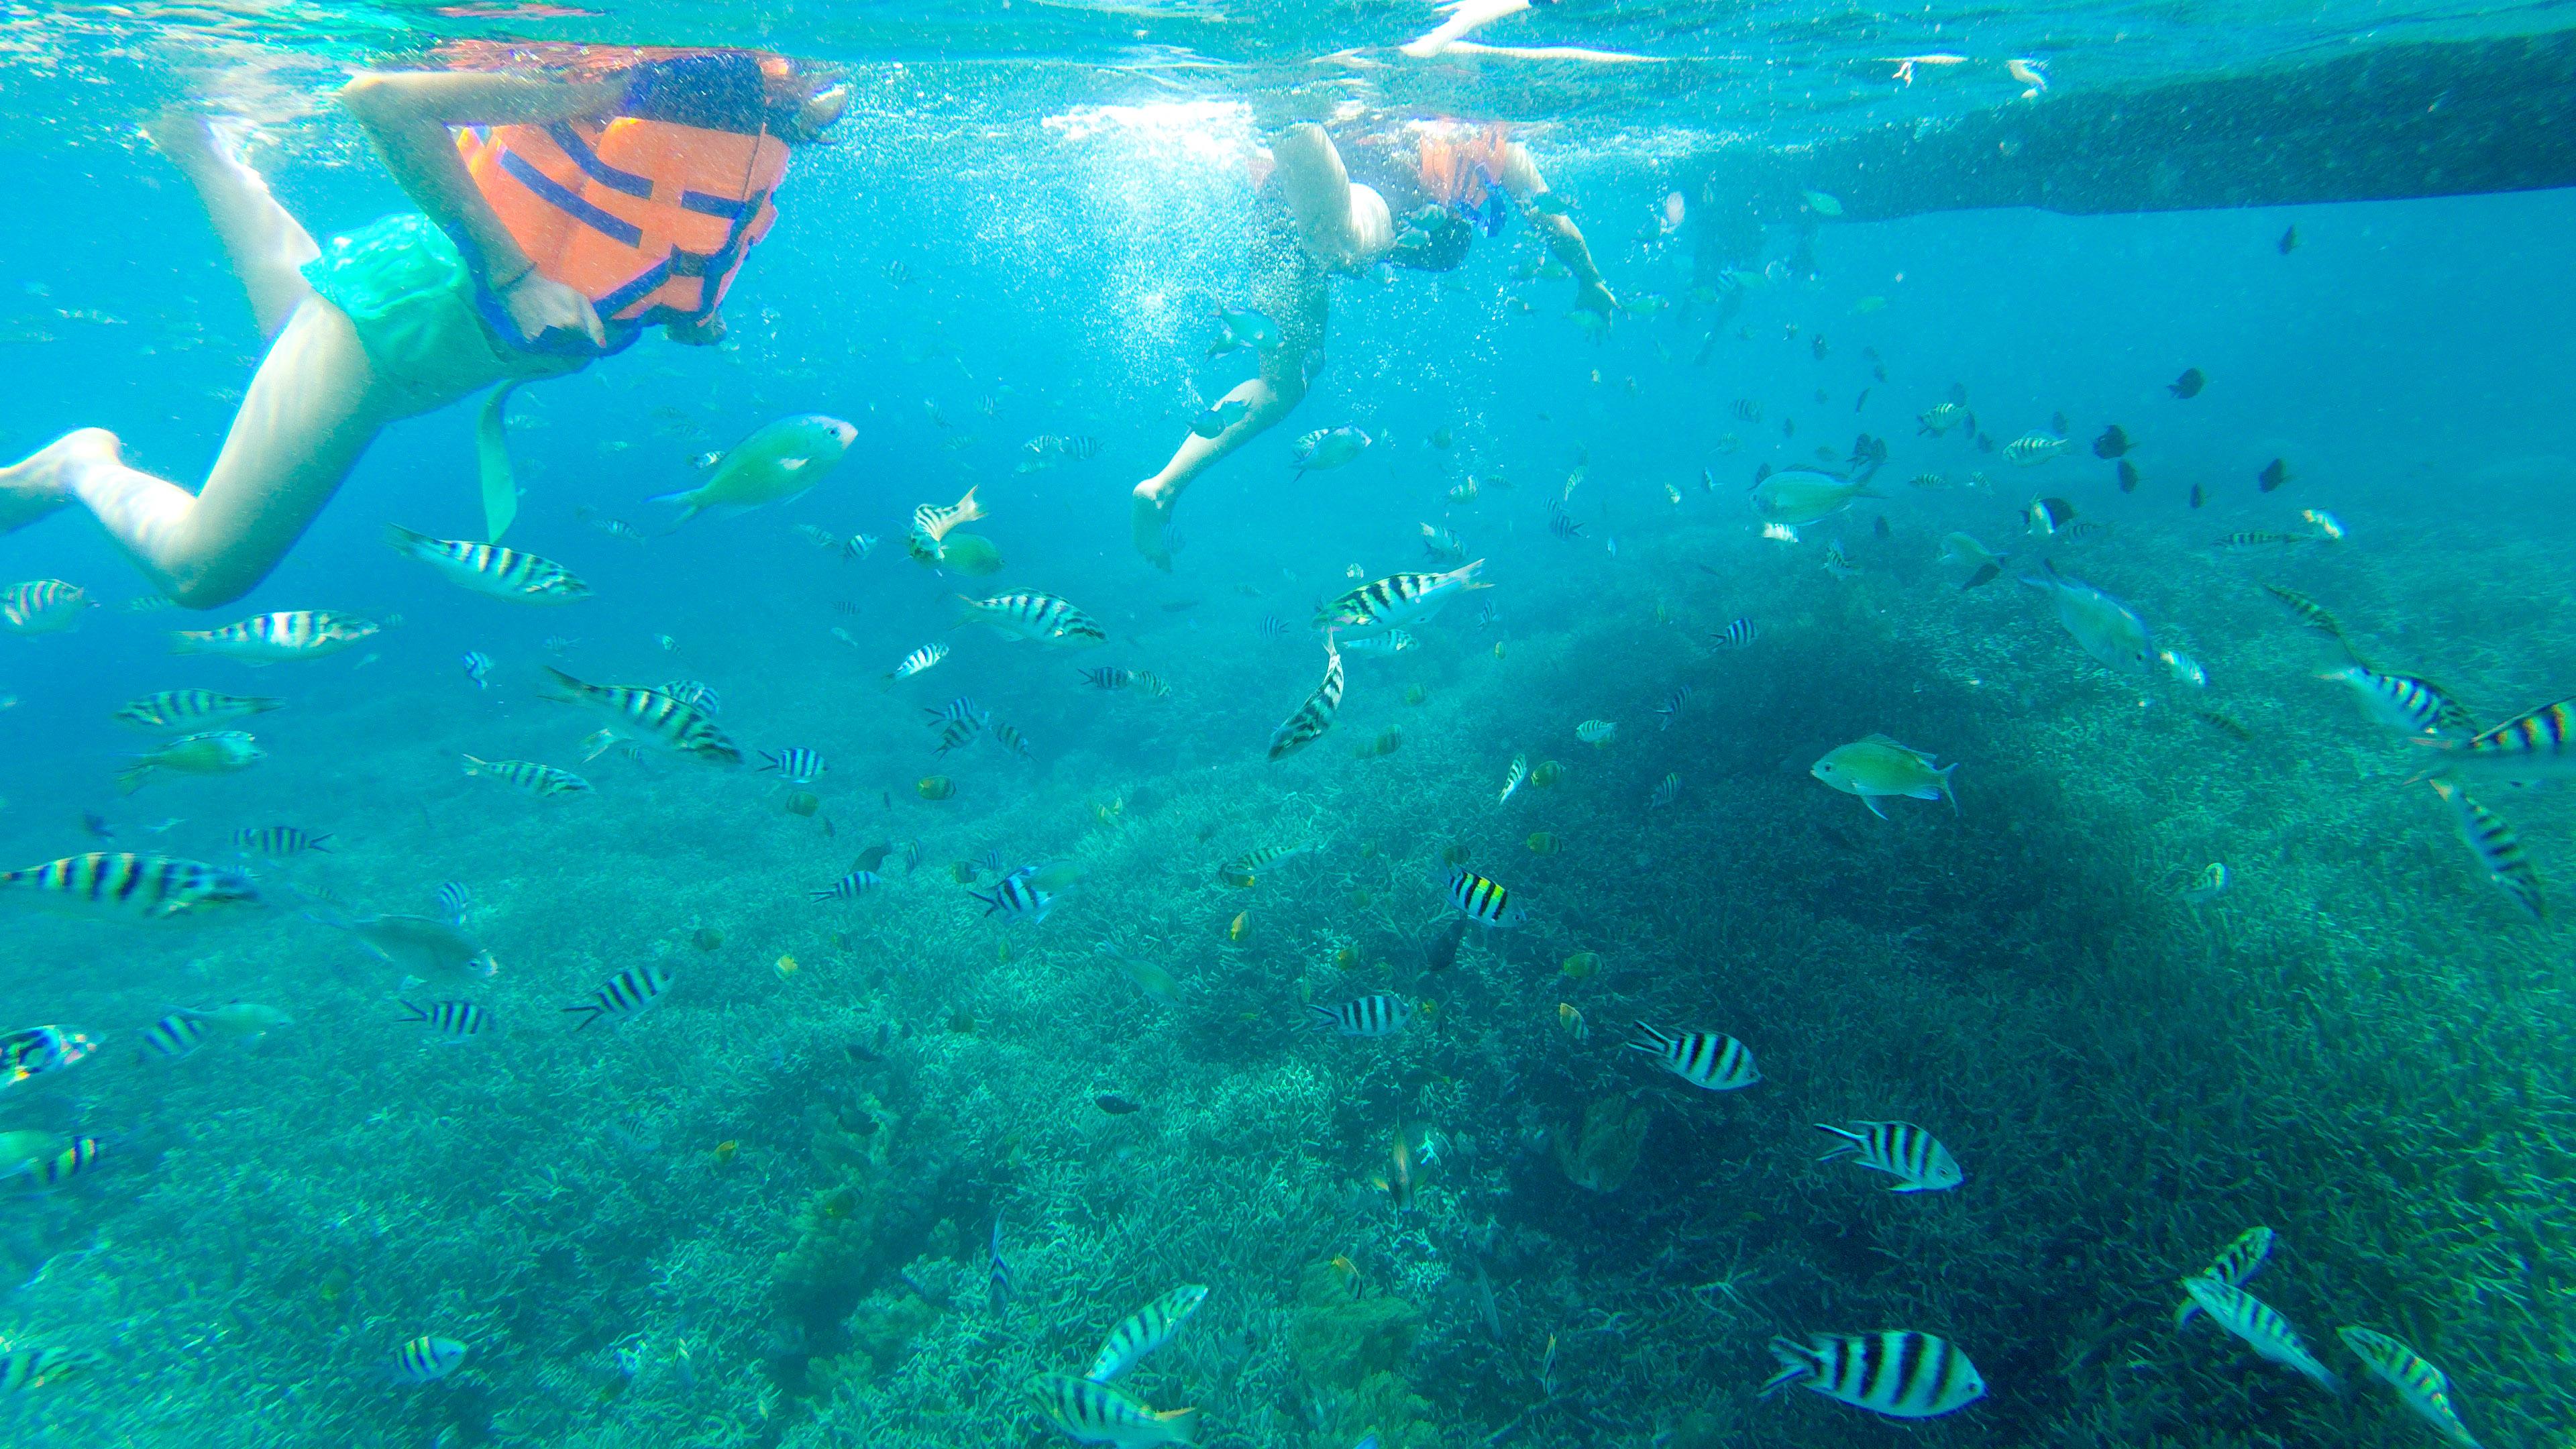 Fast Boat Lembongan, Sanur to Lembongan, Holiday Lembongan, Boat Lembongan, Sanur, Nusa Lembongan, Snorkeling Lembongan, Fast Boat Murah, Liburan Lembongan, Cheap Fast Boat Lembongan